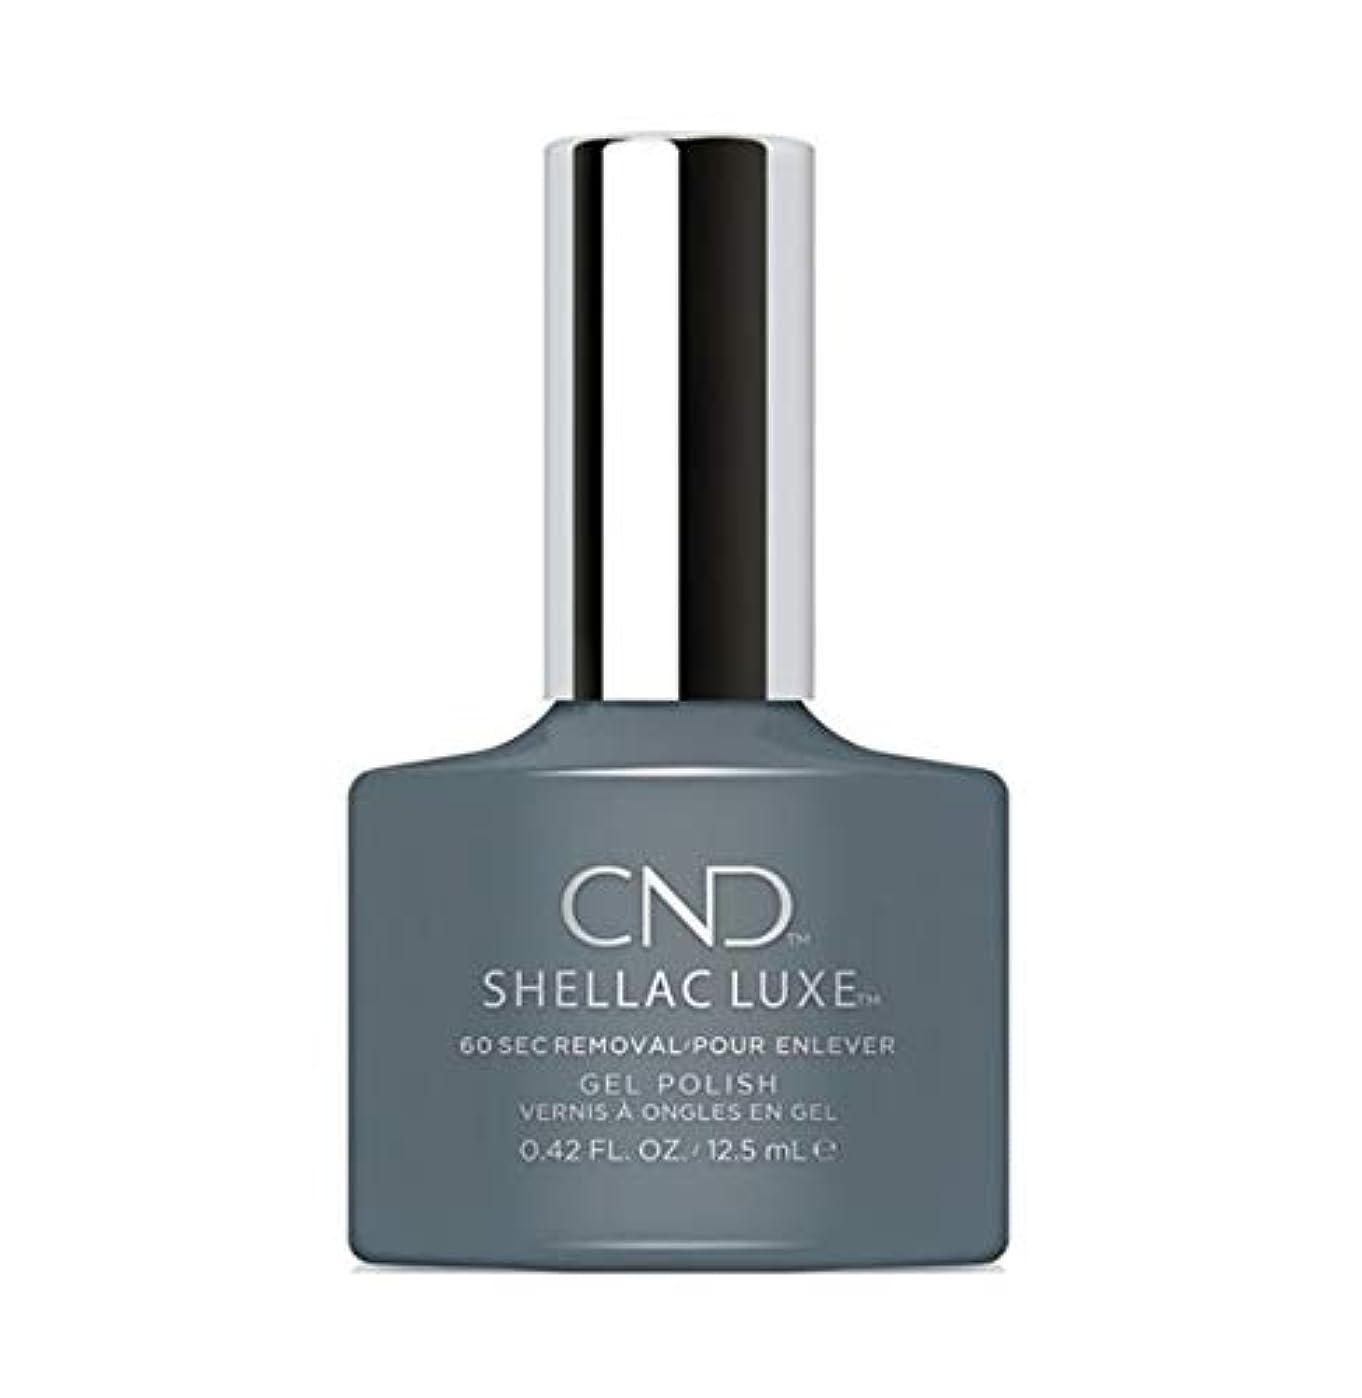 侵入するシェトランド諸島新しい意味CND Shellac Luxe - Whisper - 12.5 ml / 0.42 oz